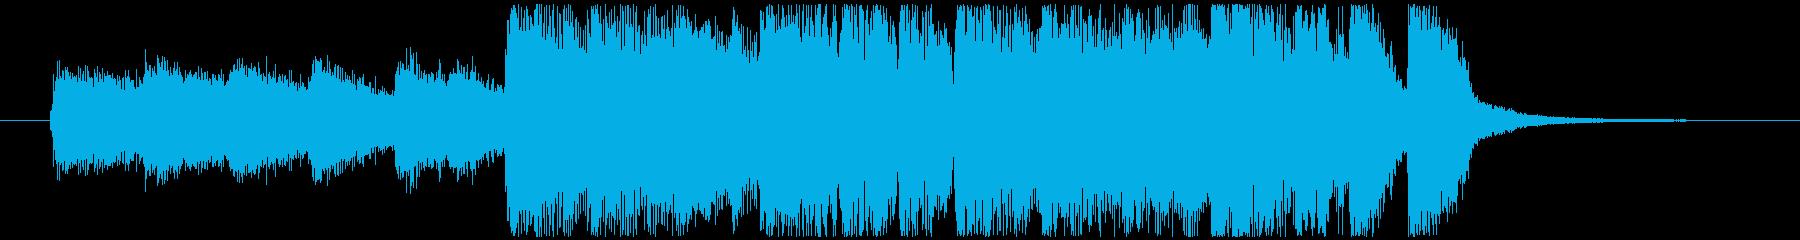 ロックスティンガー。エッジの効いた...の再生済みの波形